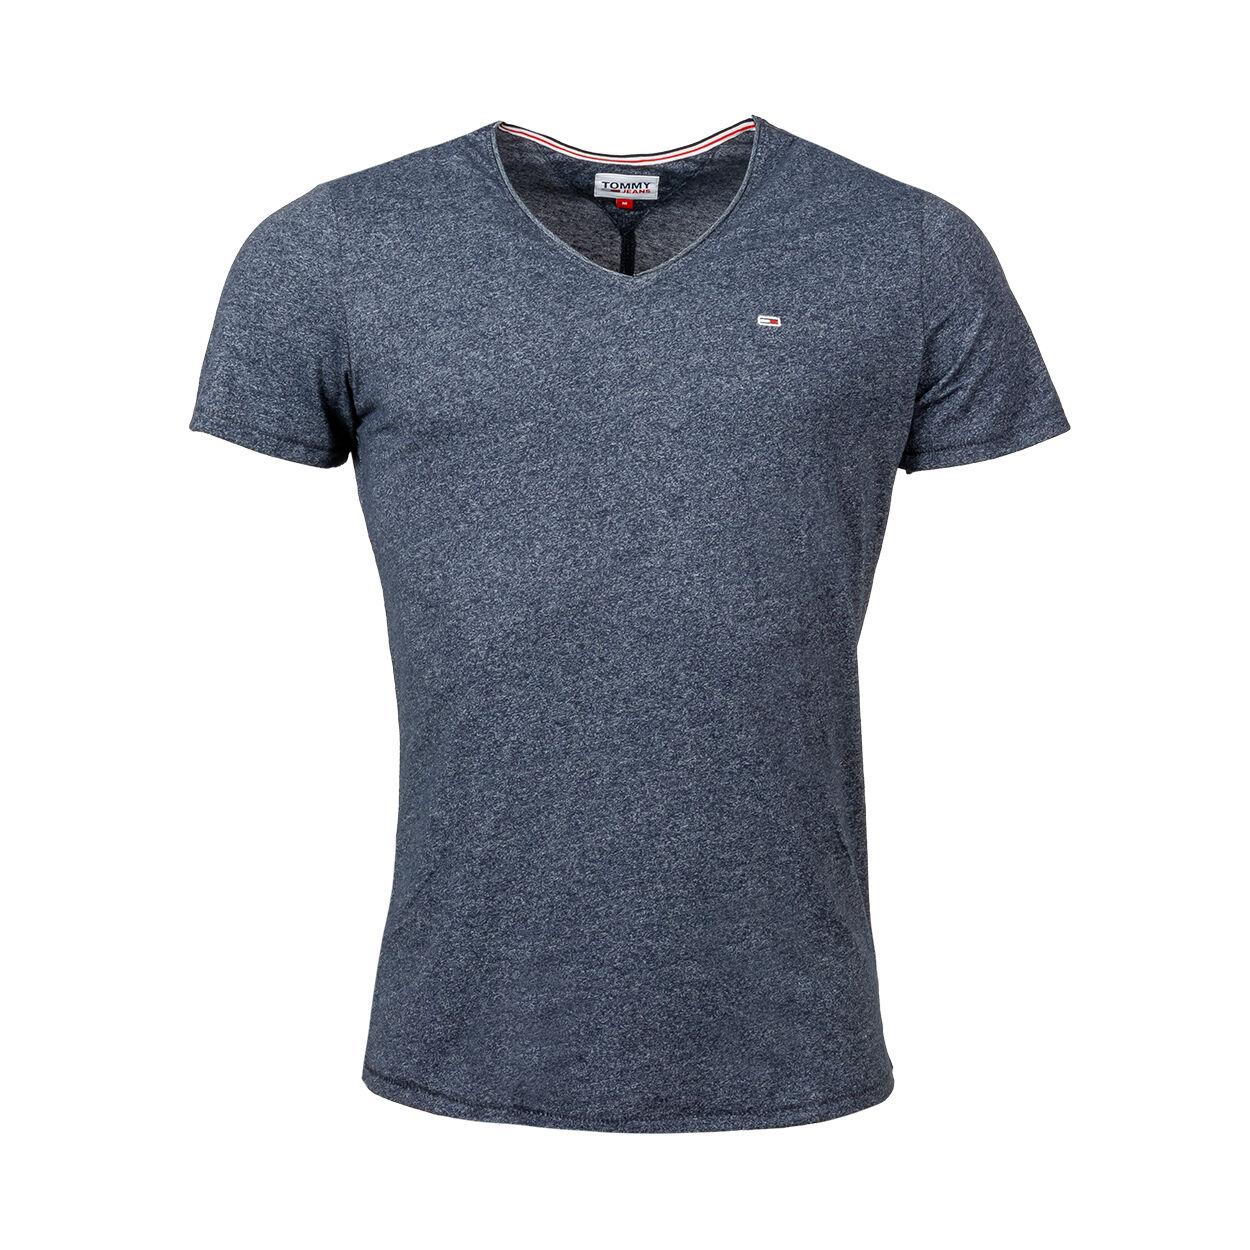 Tommy Jeans Tee-shirt col V Tommy Jeans en coton bio mélangé bleu marine chiné - BLEU MARINE - L